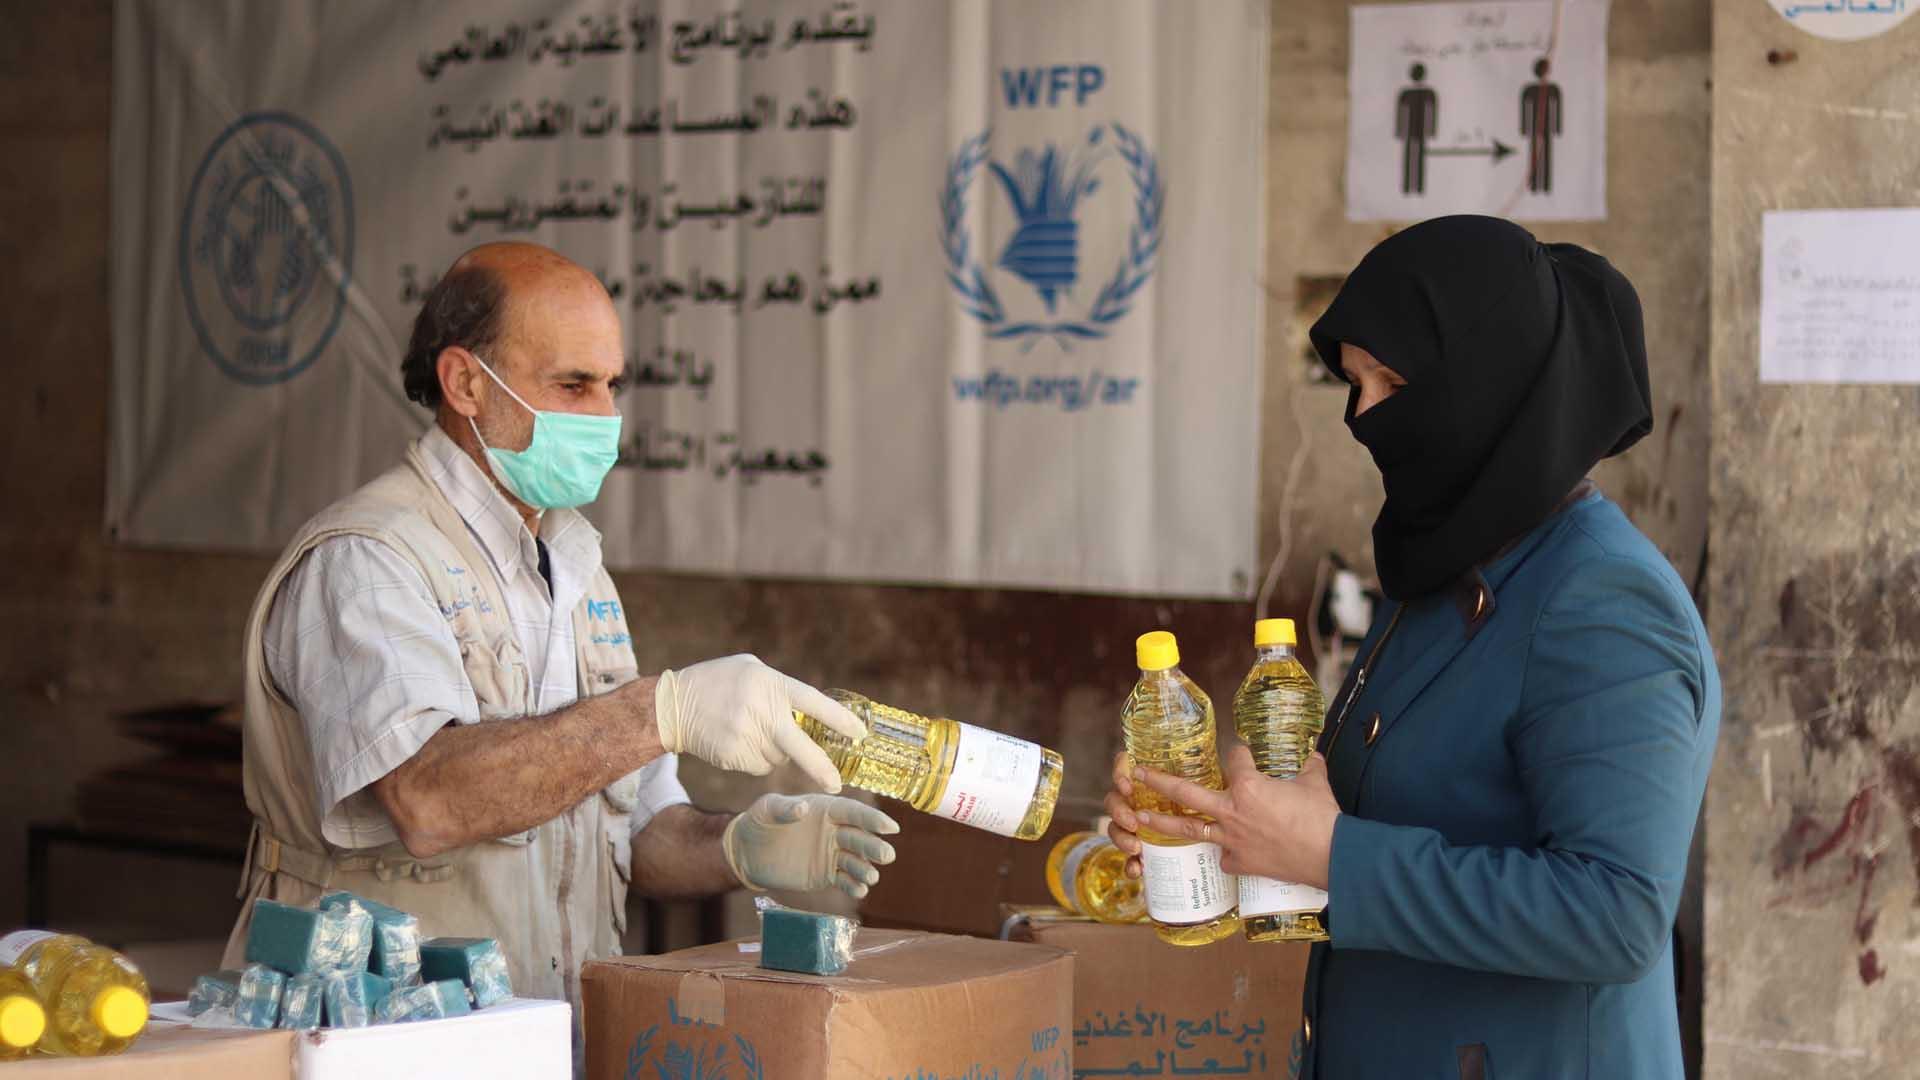 الجوع وفقدان الأمن الغذائي في سورية (الحقيقة المفزعة)